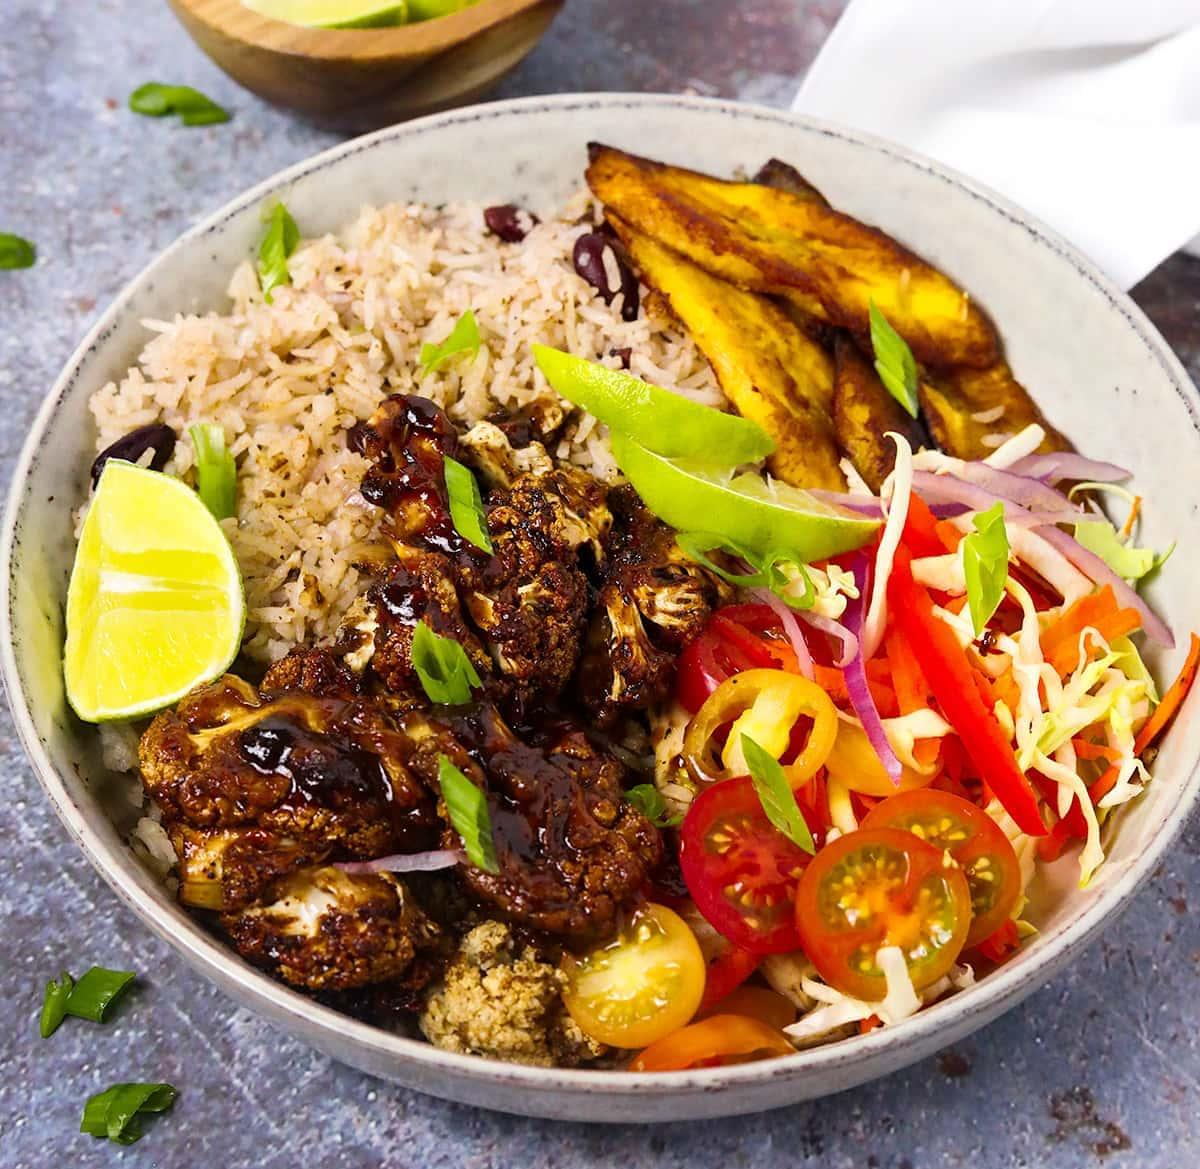 jamaican jerk cauliflower bowl in a beige bowl on a grey background